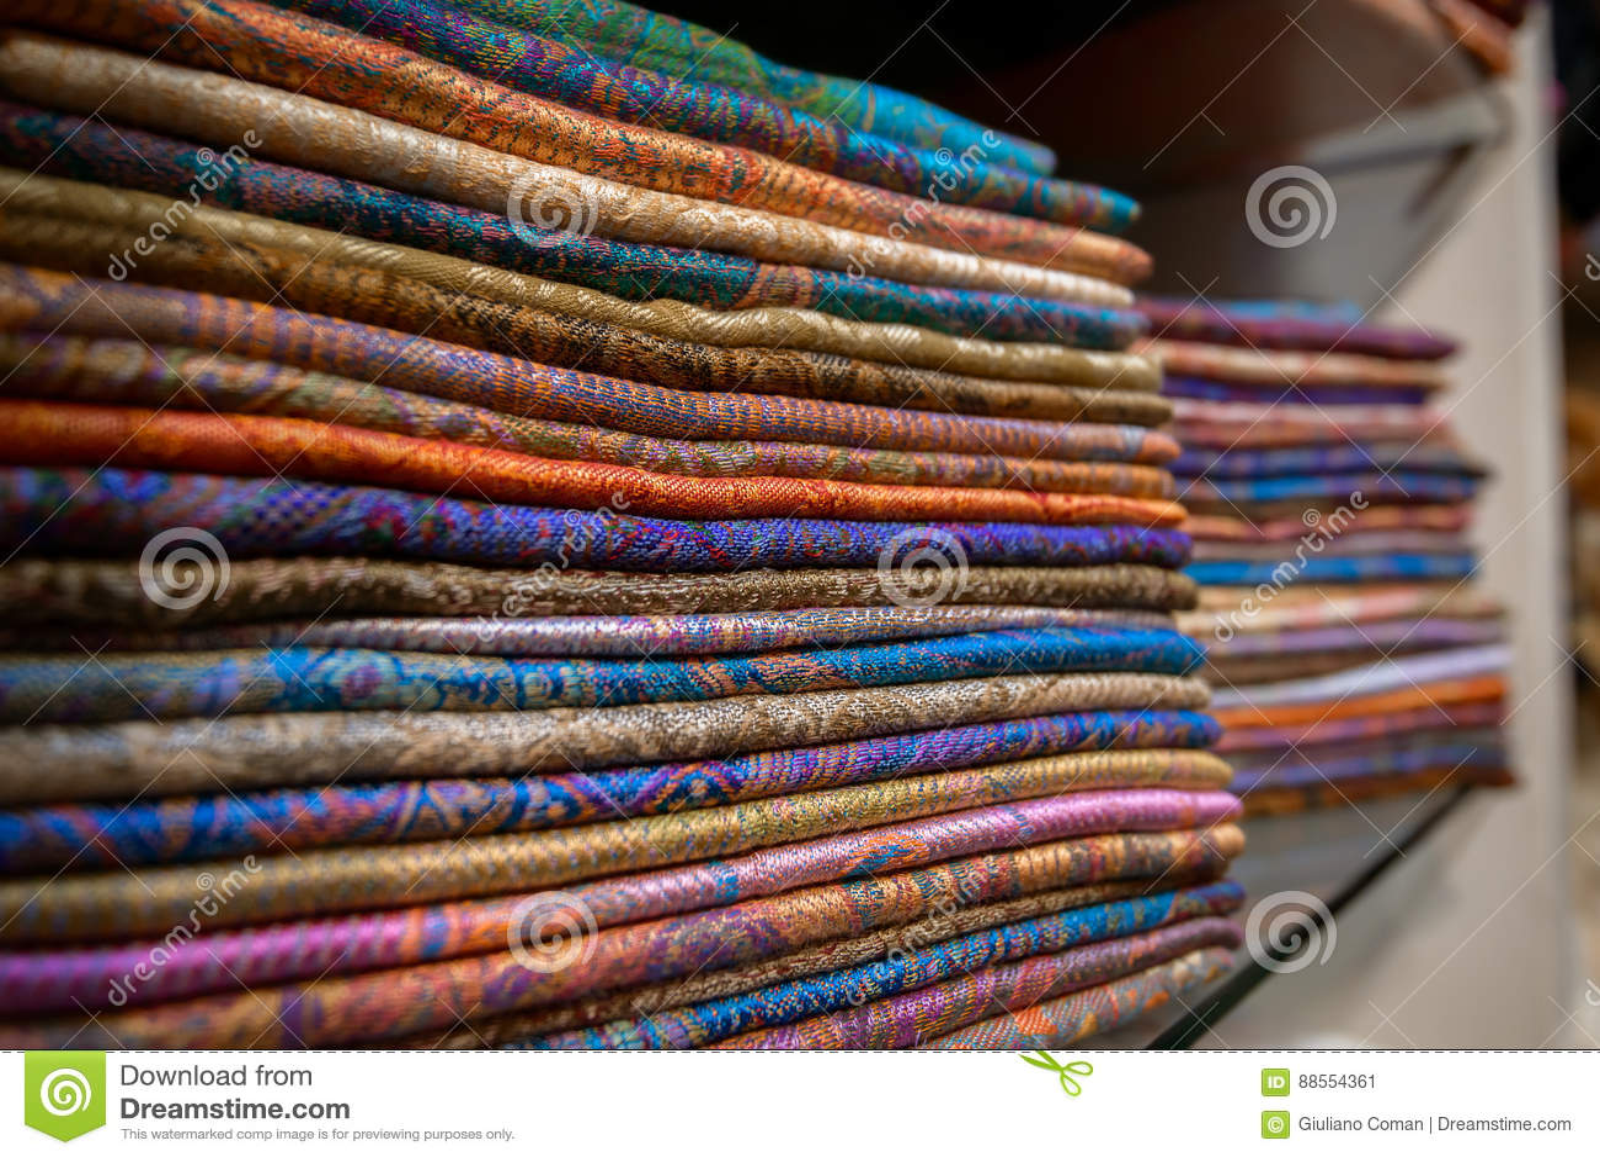 Colourful jedwabniczy szaliki